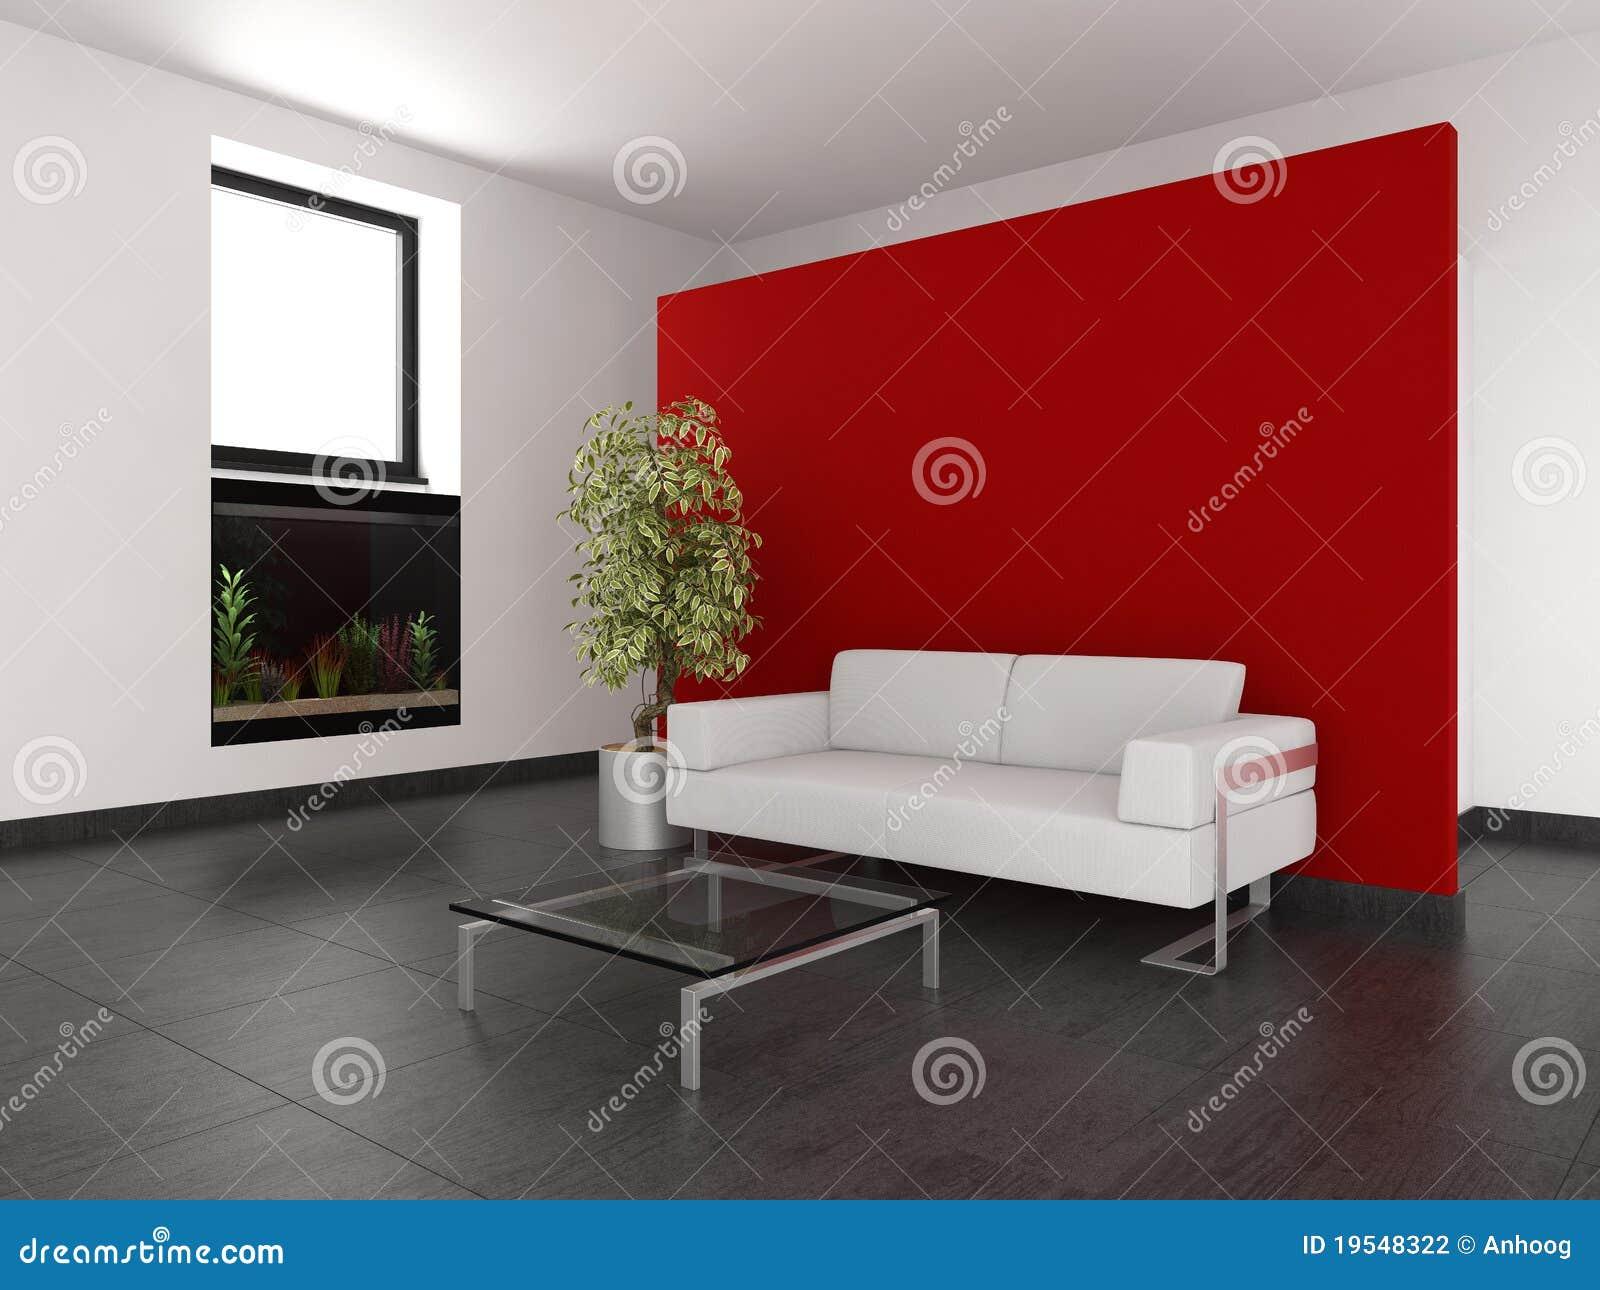 Modernes Wohnzimmer Mit Roter Wand Und Aquarium